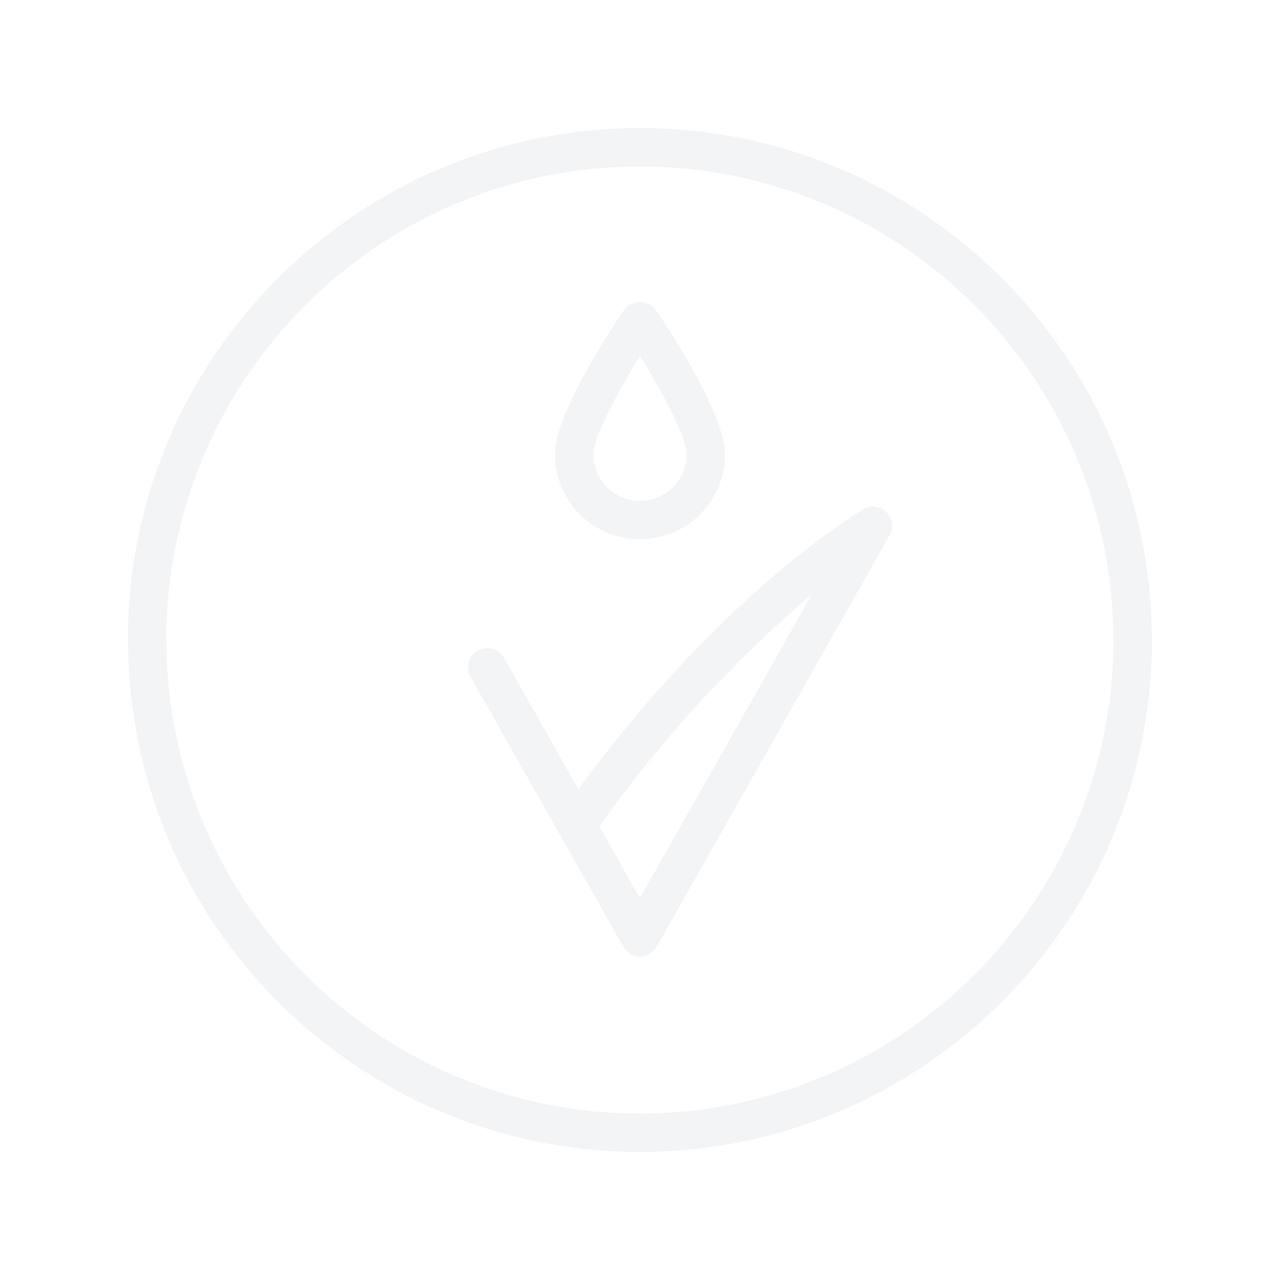 THEBALM Meet Matt Shmaker Eyeshadow Palette 9.6g палетка теней